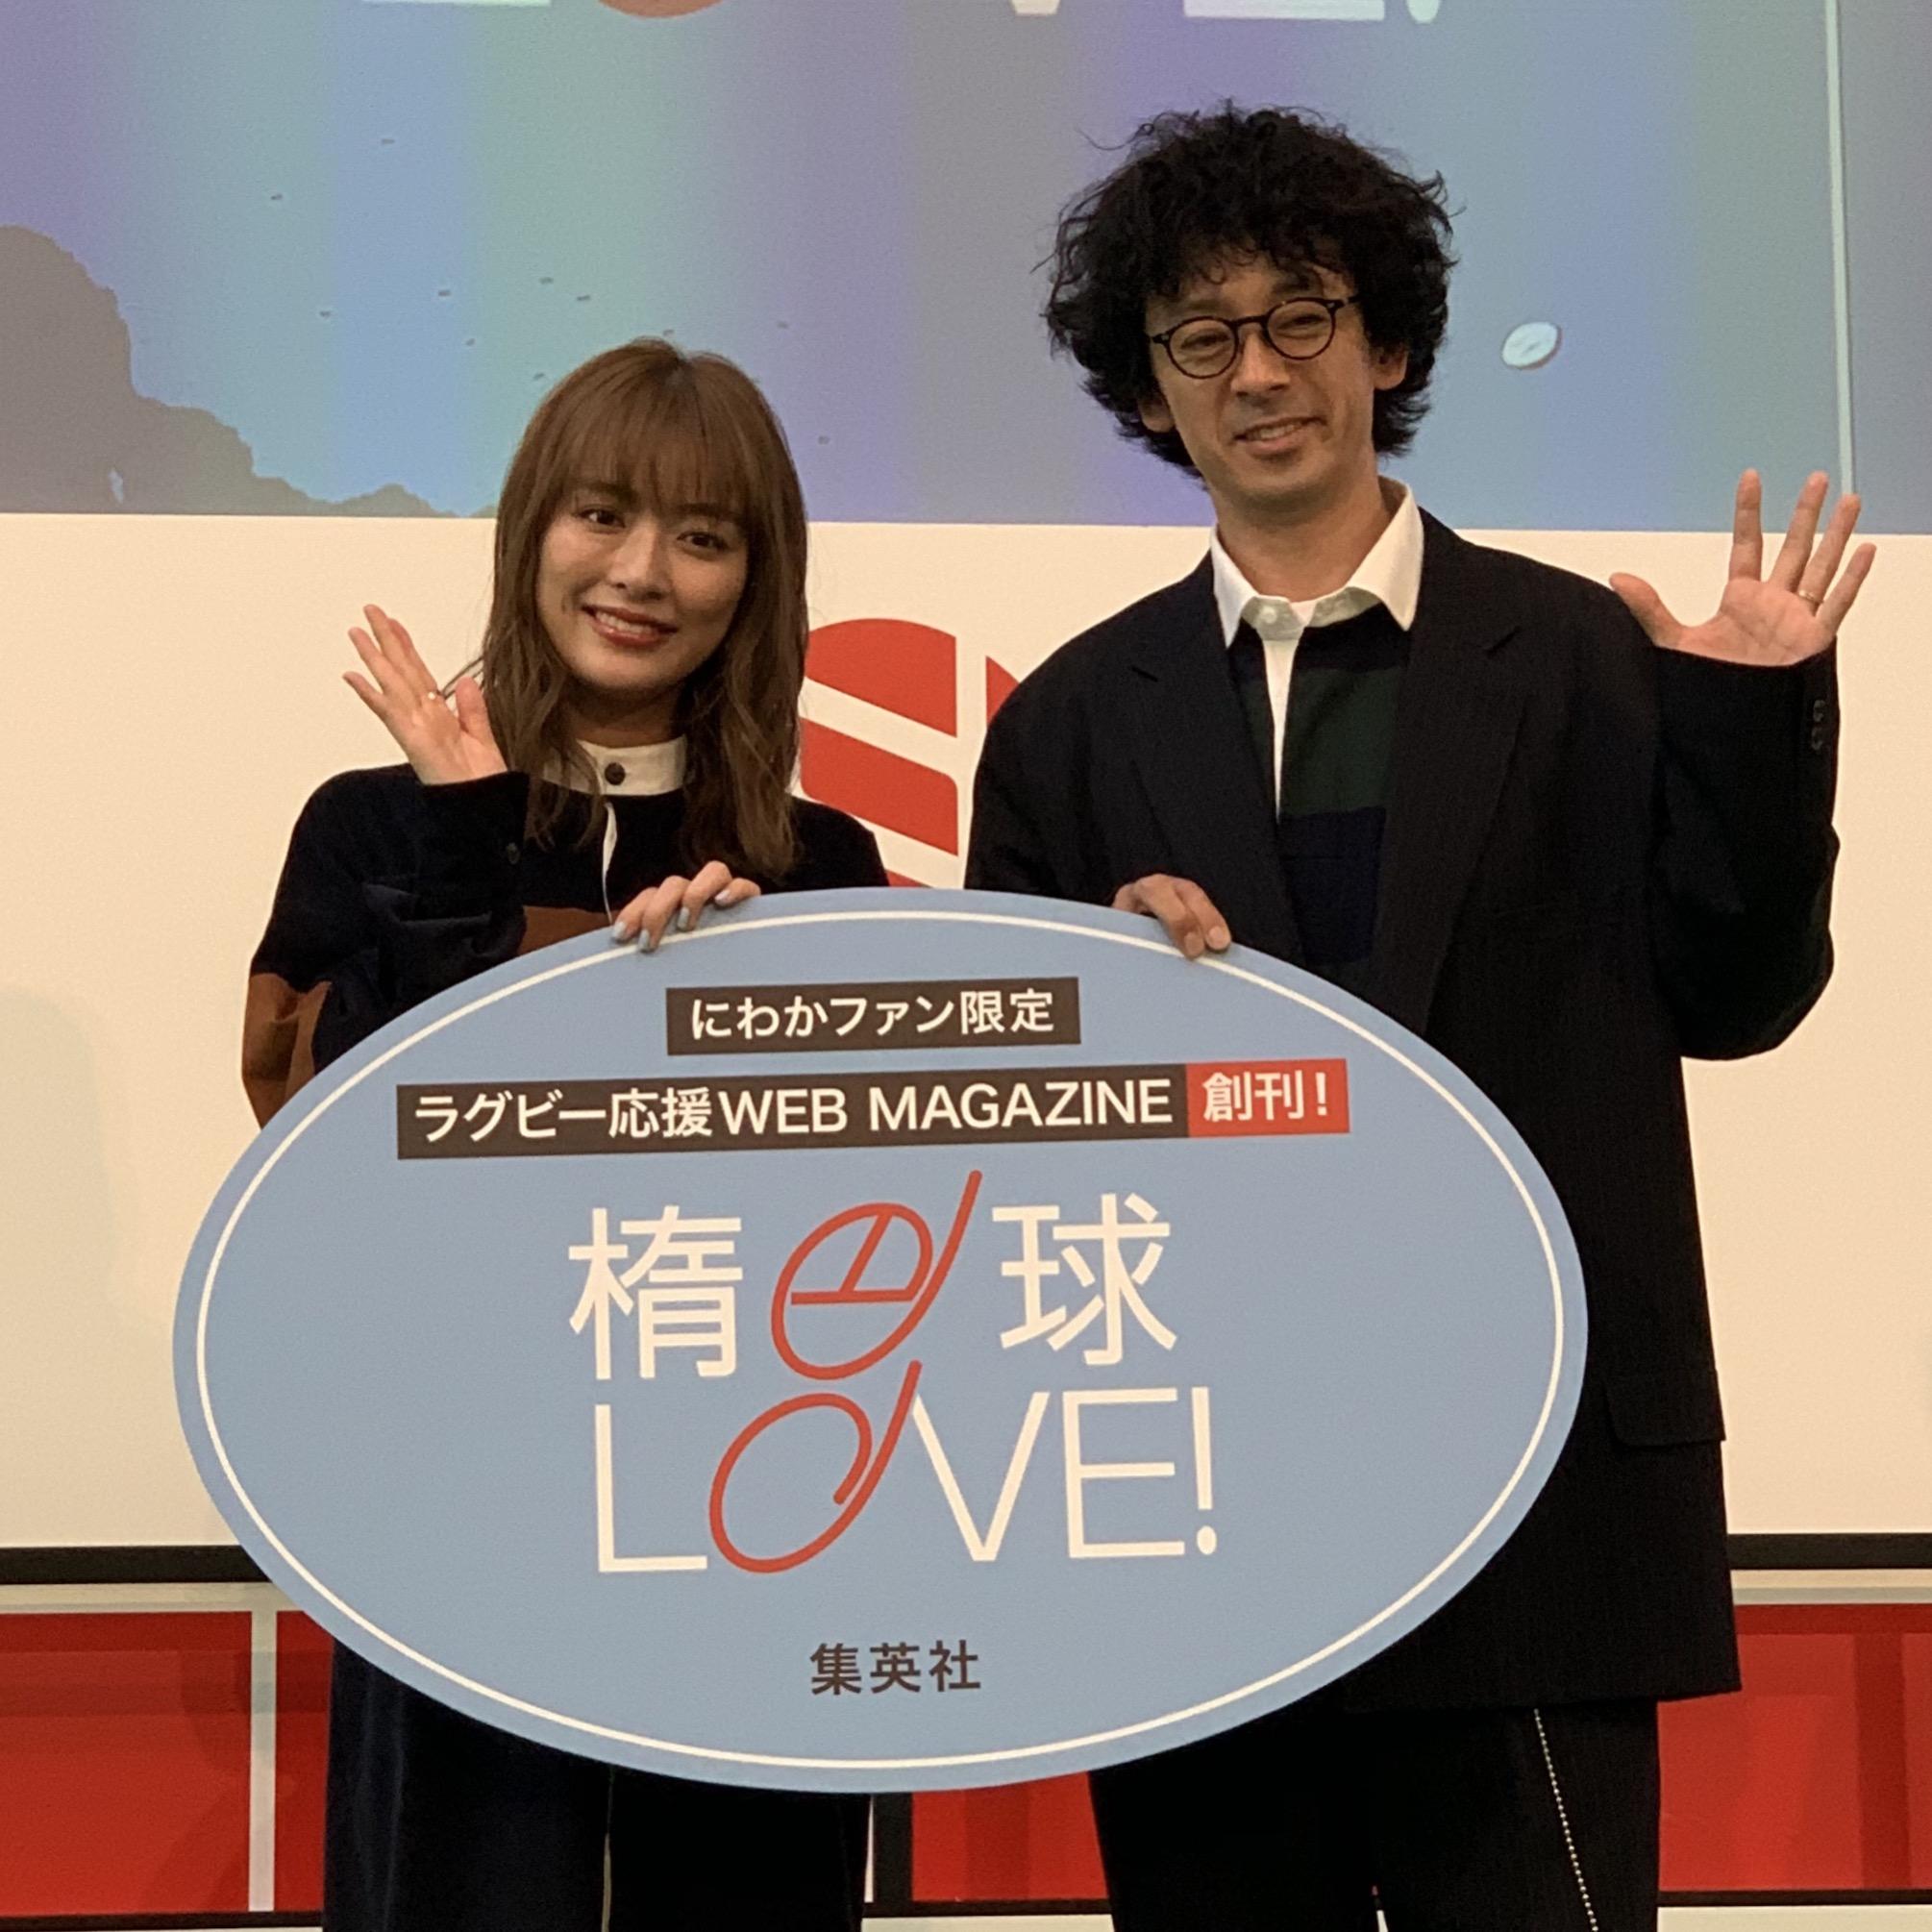 《滝藤賢一さん・だーりおちゃん登場》楕円球LOVE!の創刊発表会に参加してきました♡_2